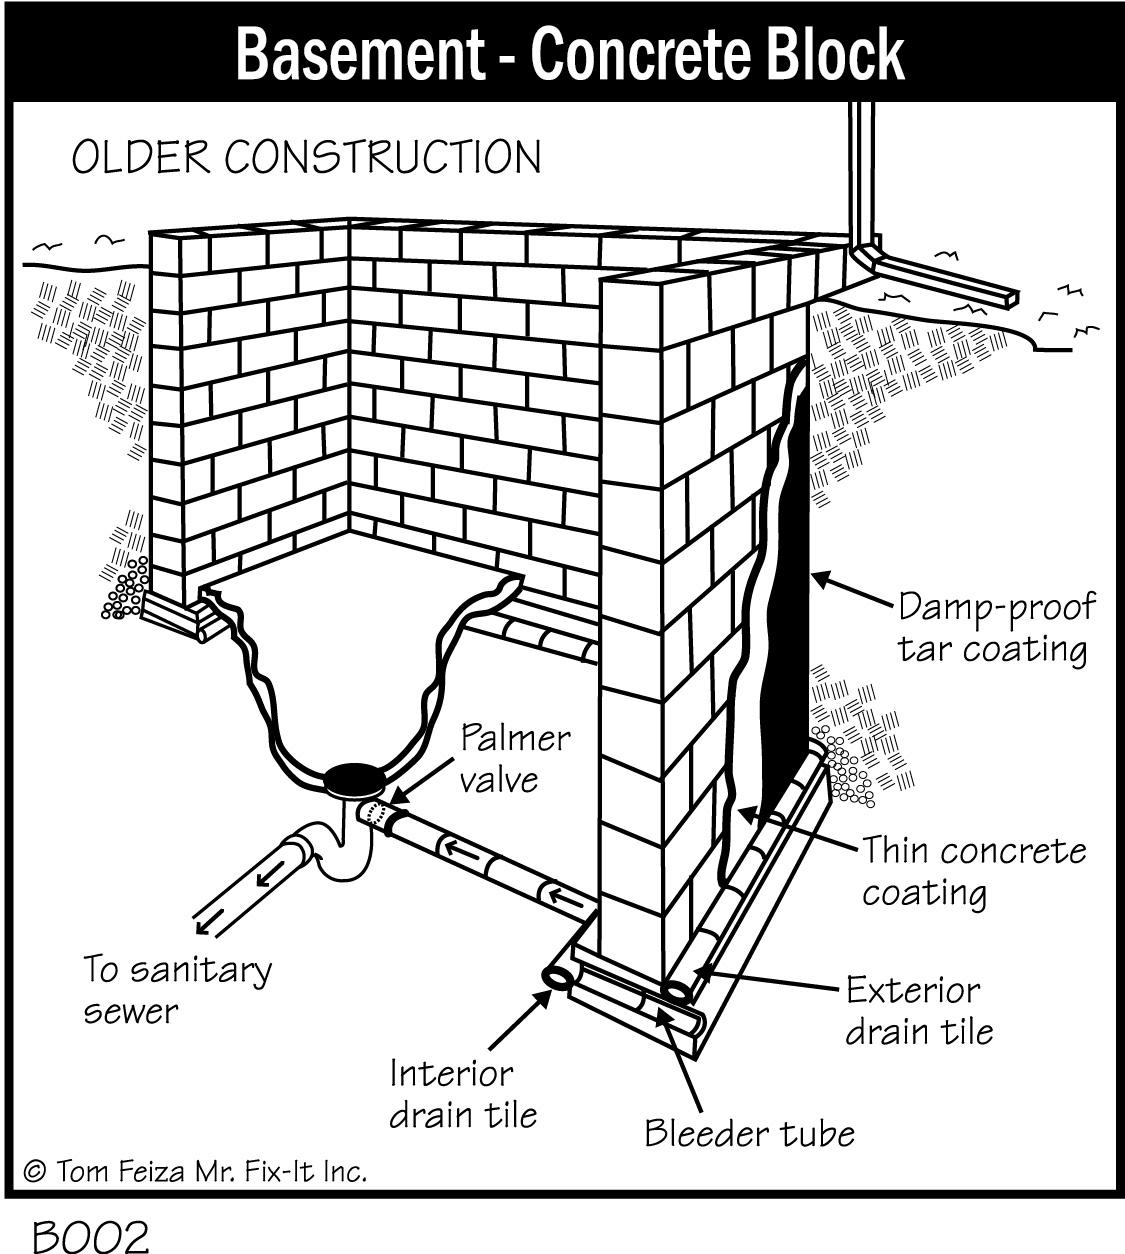 Concrete Block Basement Construction